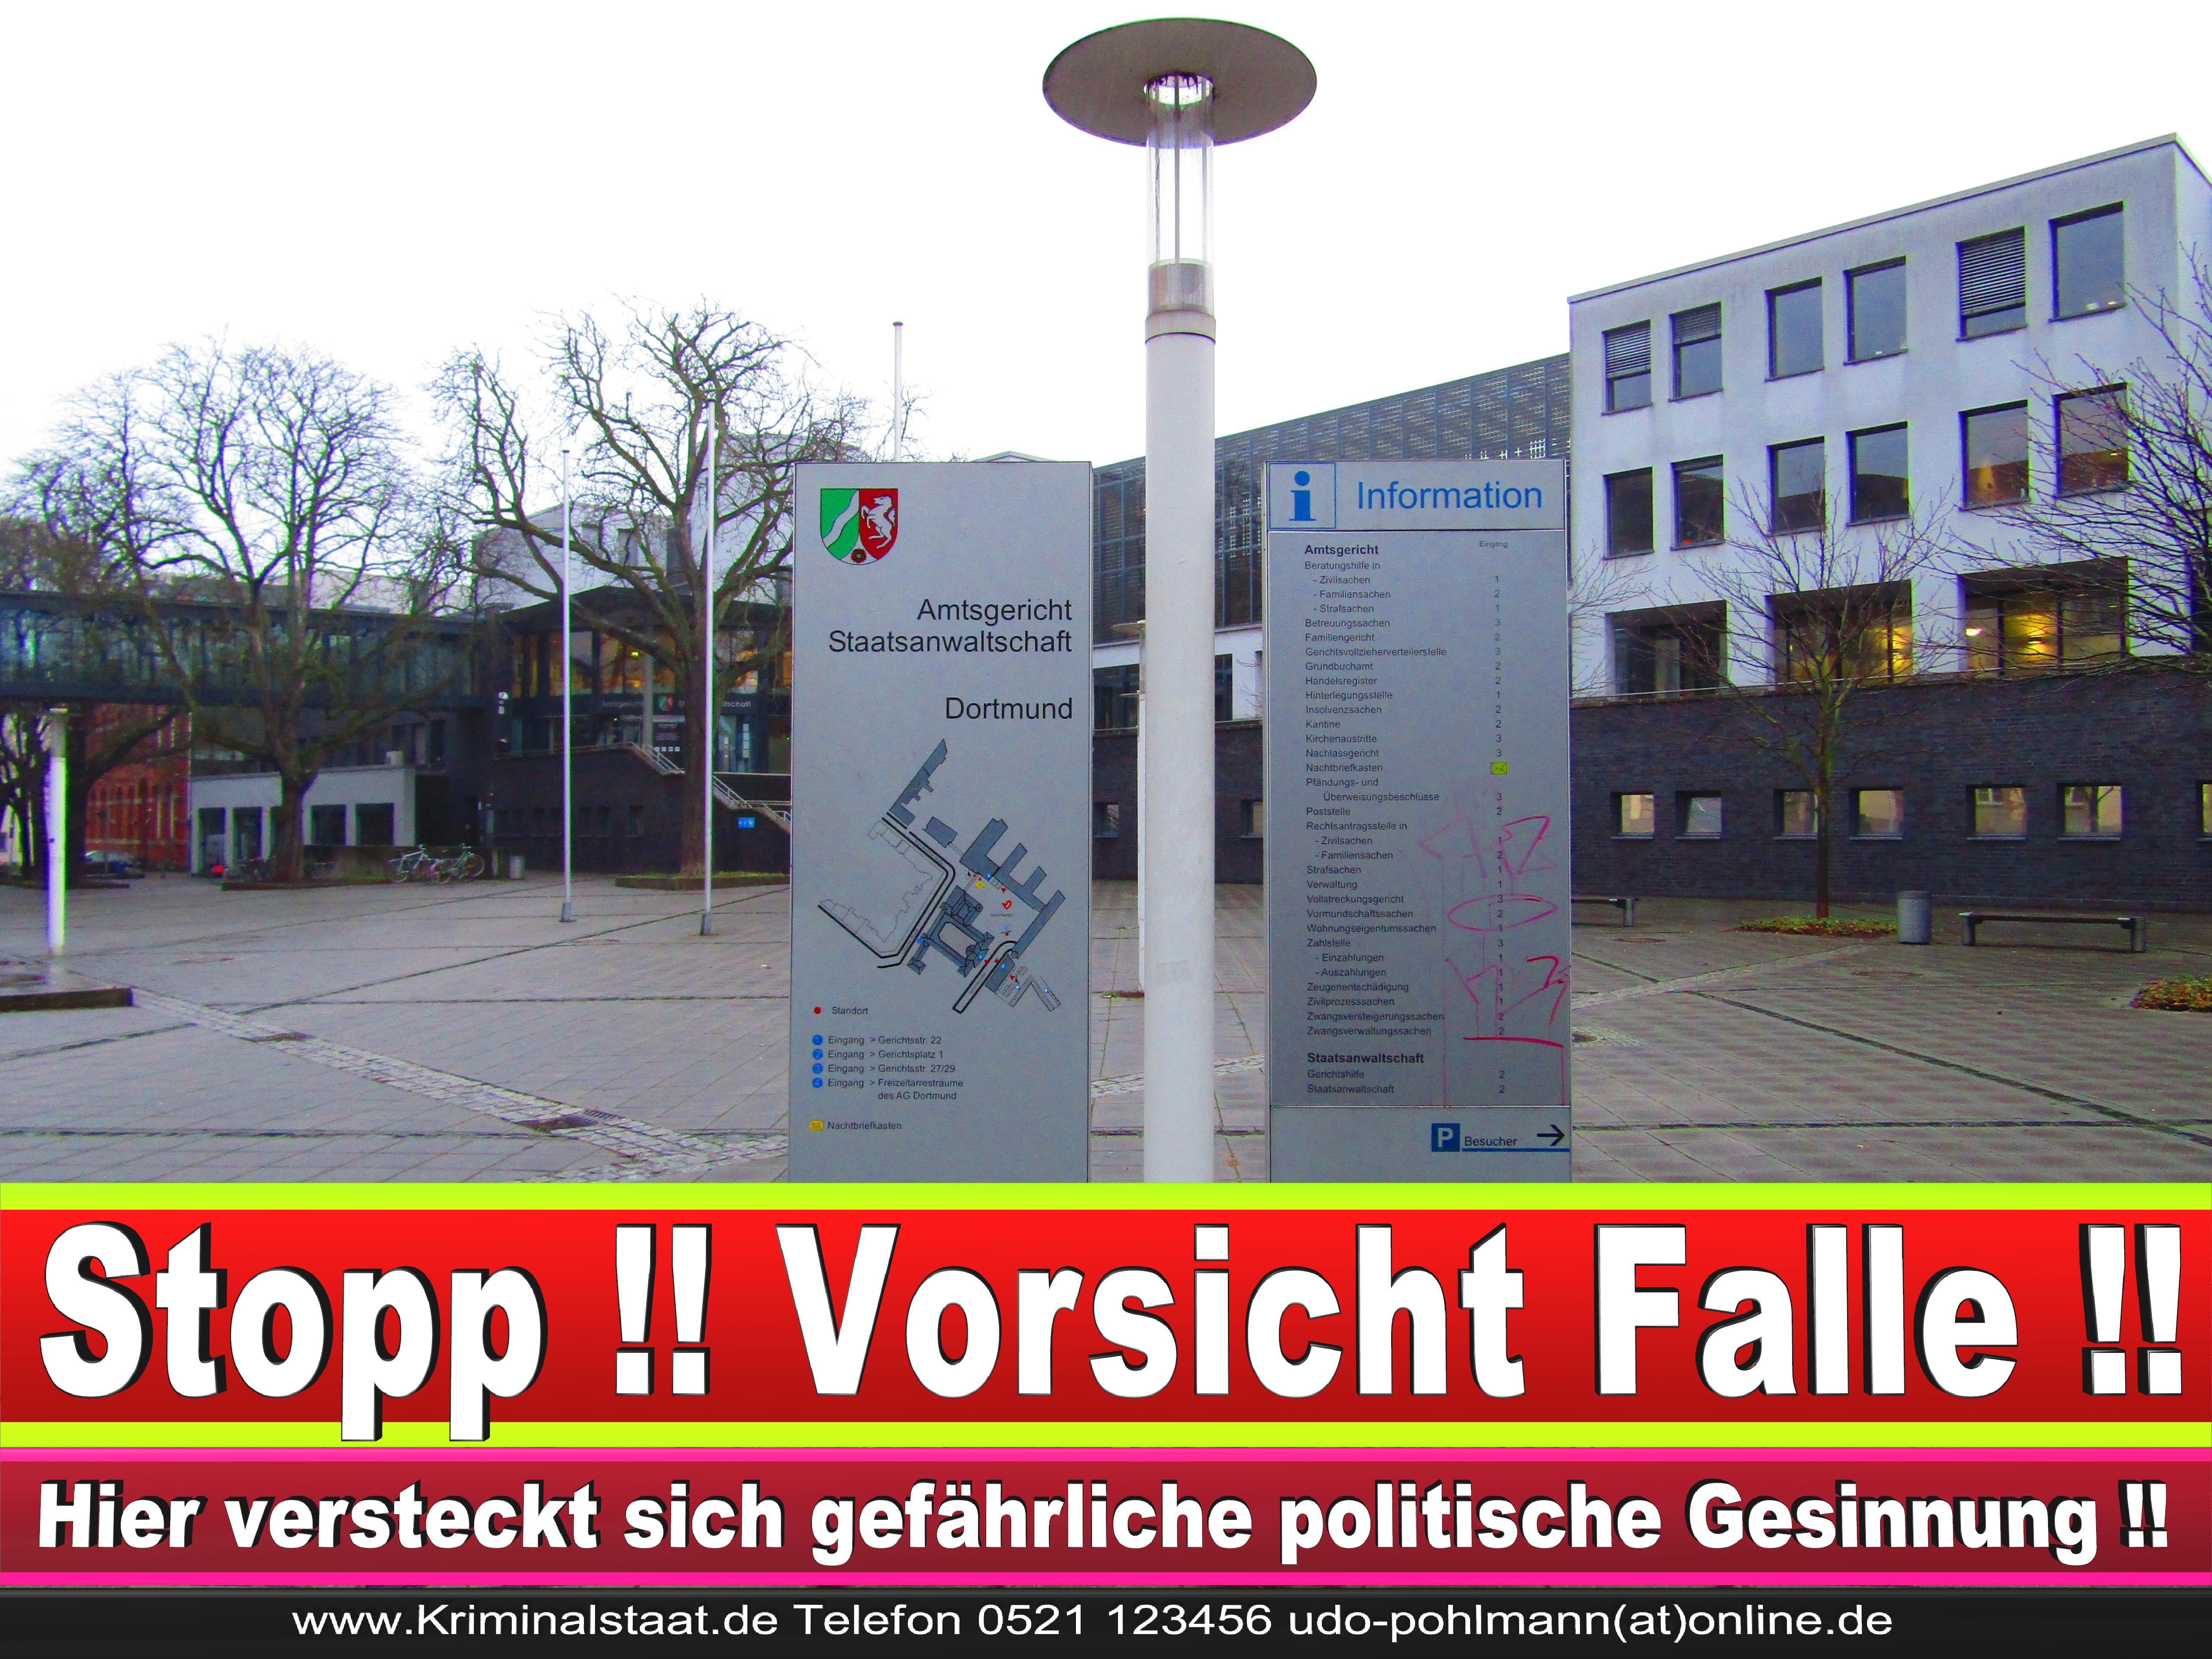 AMTSGERICHT DORTMUND RICHTER AUSBILDUNG PRAKTIKUM ANFAHRT URTEILE KORRUPTION POLIZEI ADRESSE DIREKTOR (13) 1 1